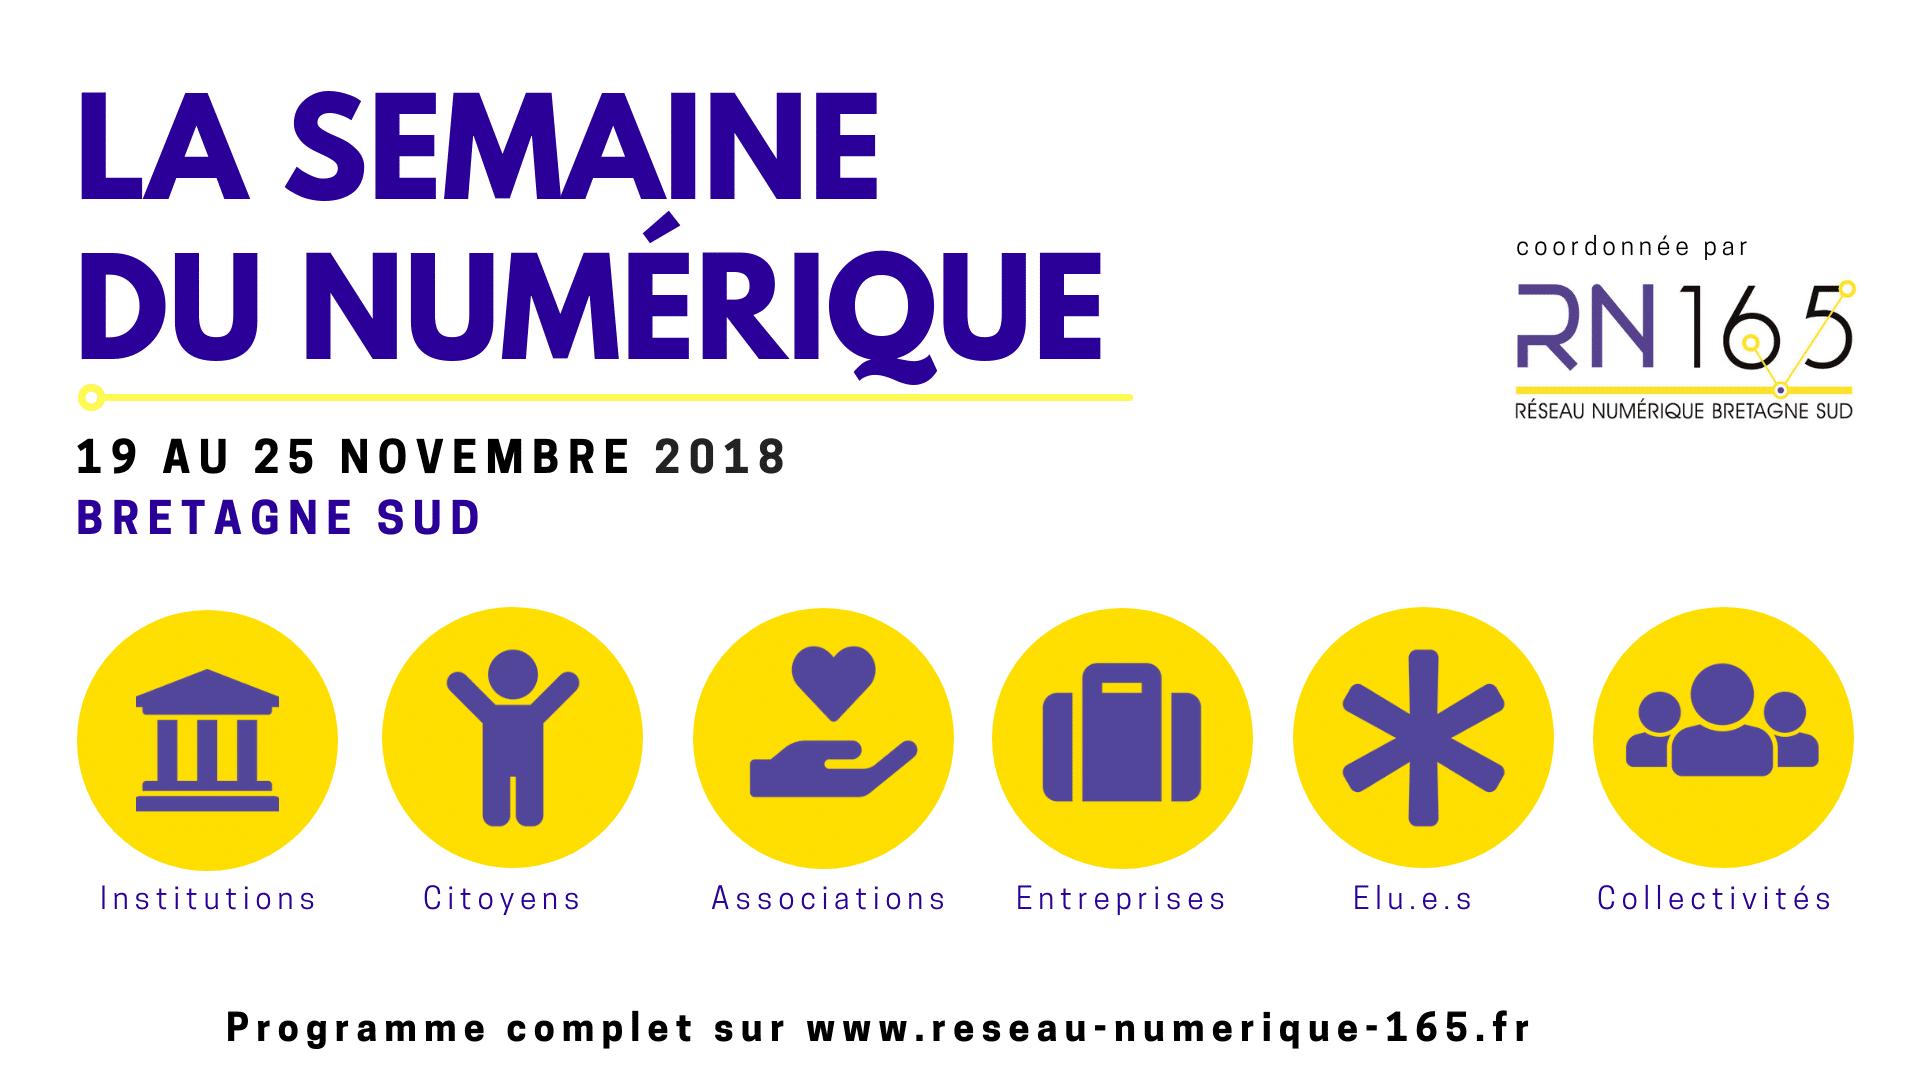 Semaine du numérique Bretagne Sud – Du 19 au 25 novembre 2018